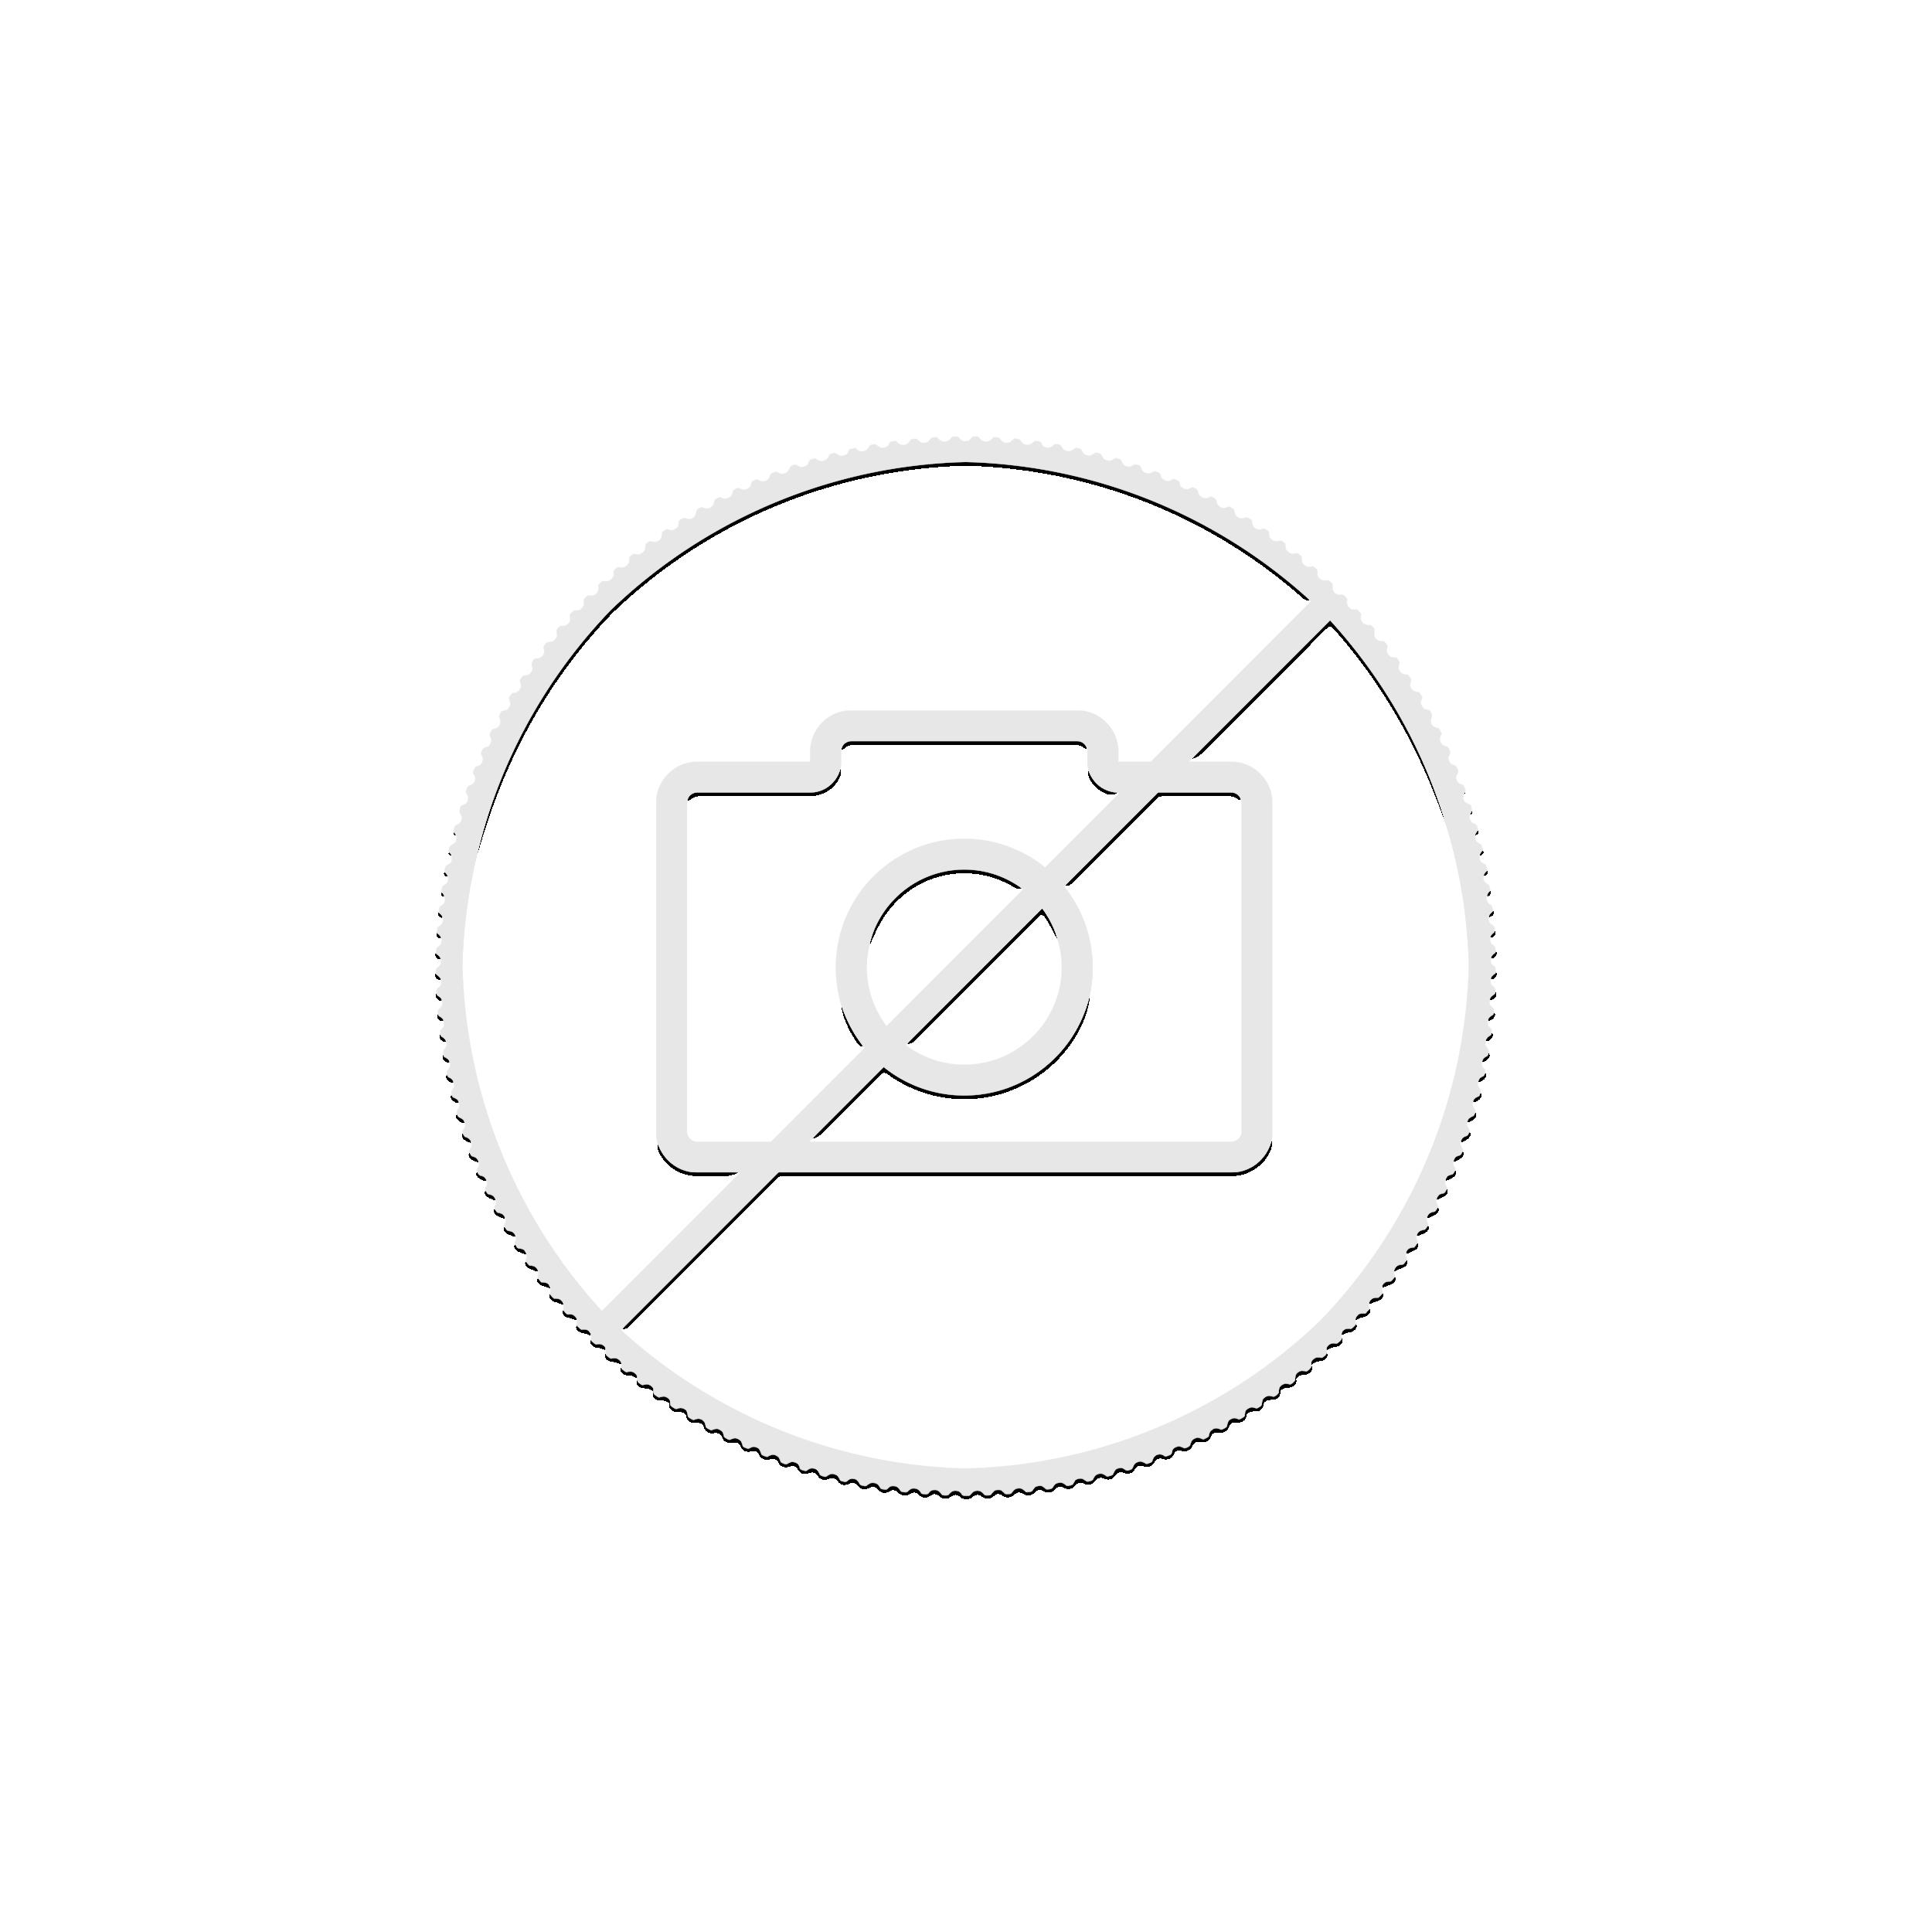 1 Troy ounce silver coin Golden Ring - Koala 2019